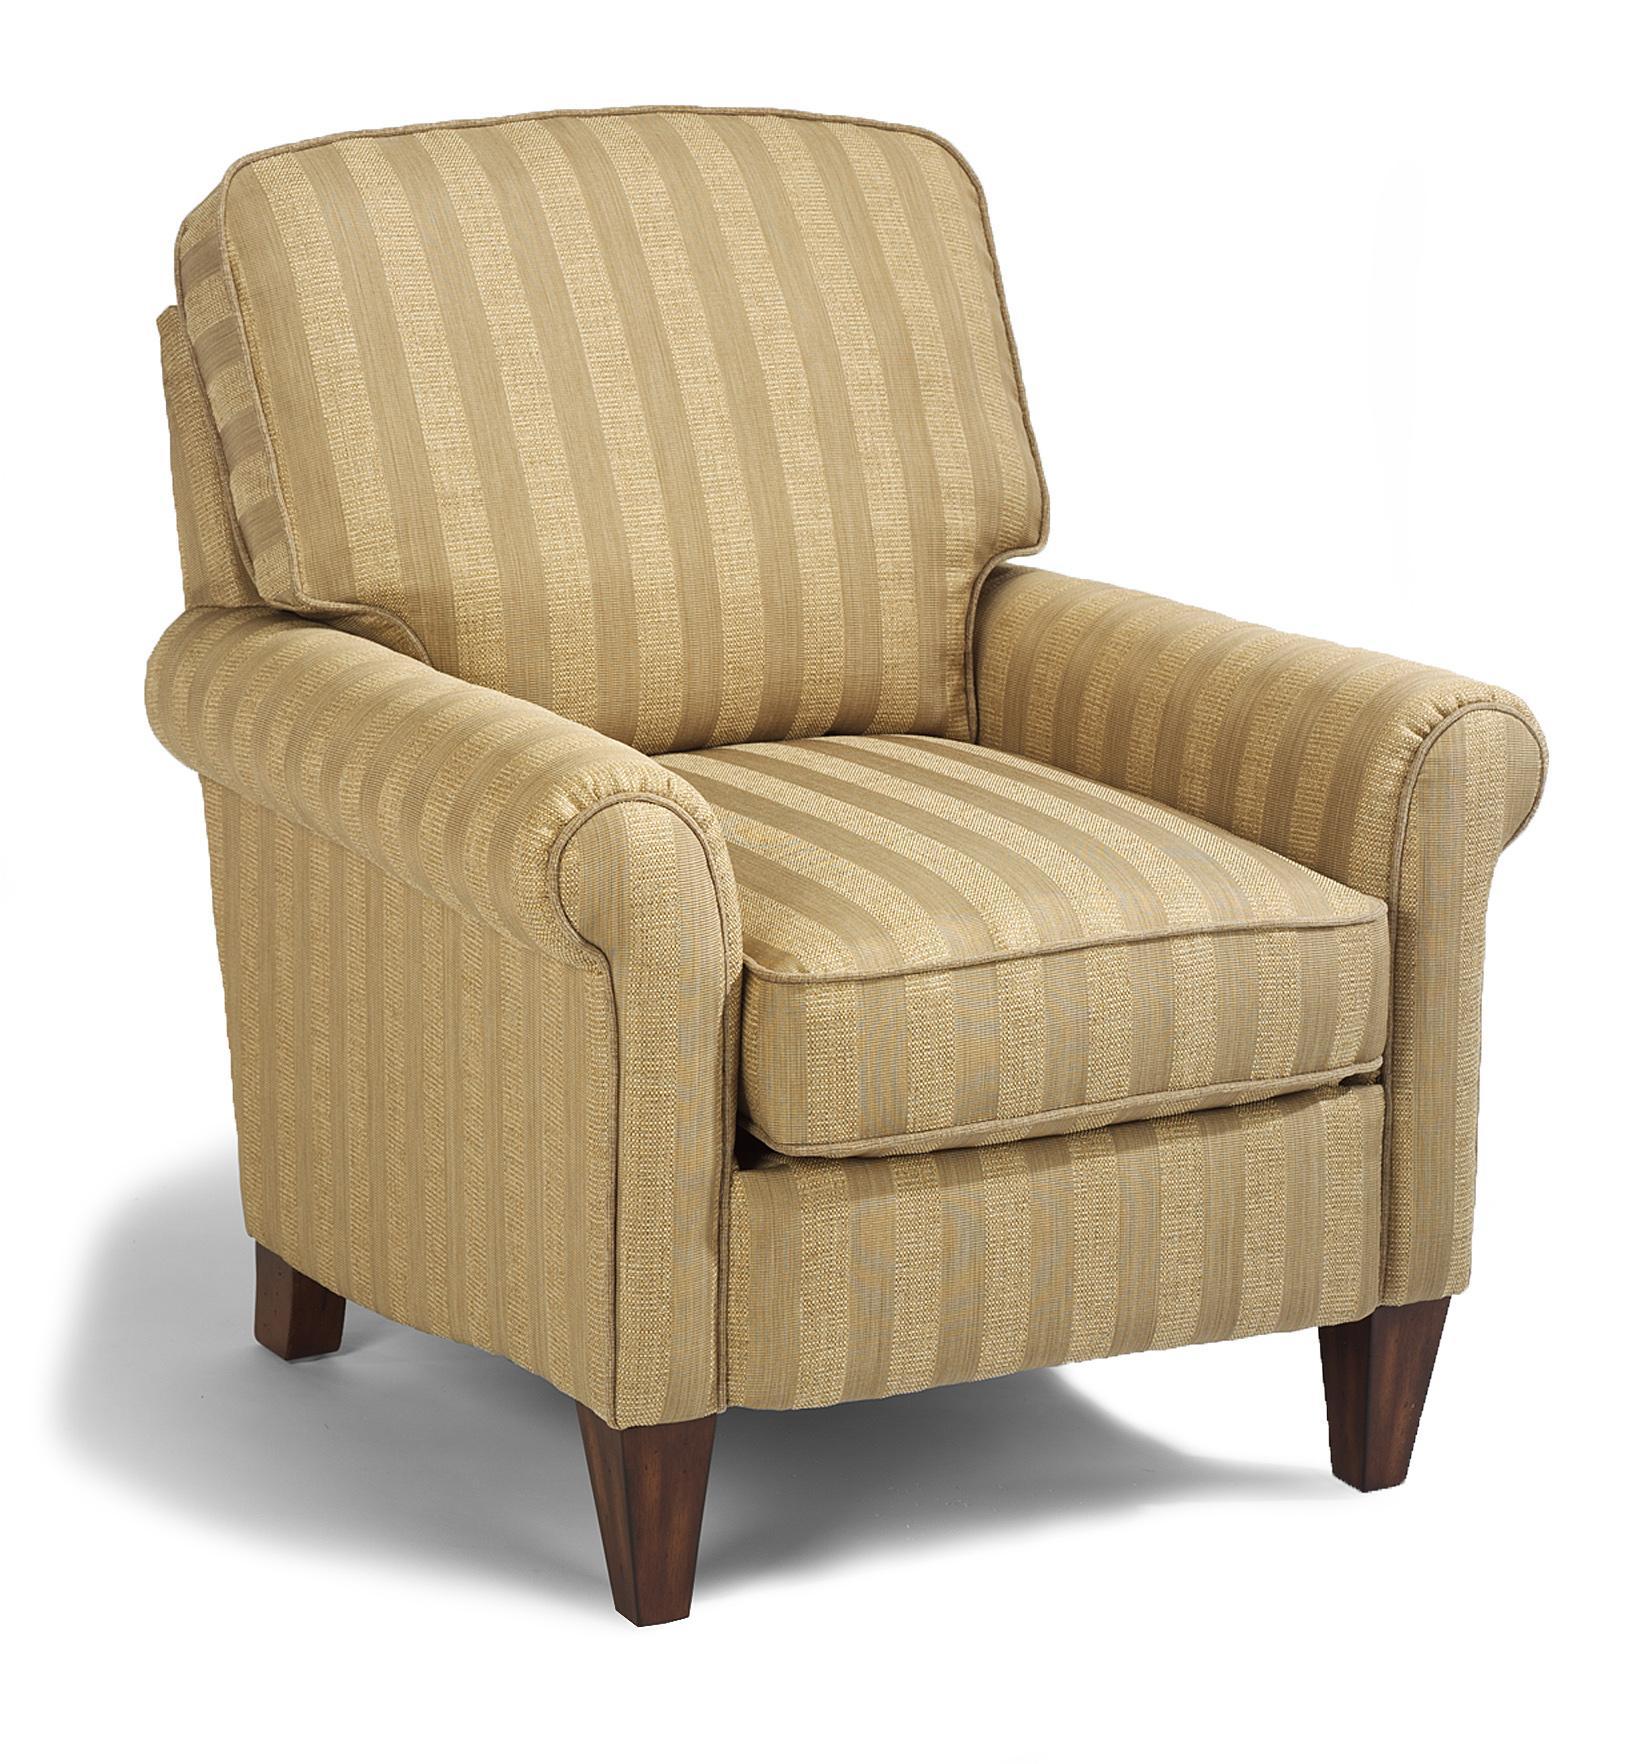 harvard chair for sale wedding cover rentals edmonton flexsteel accents belfort furniture